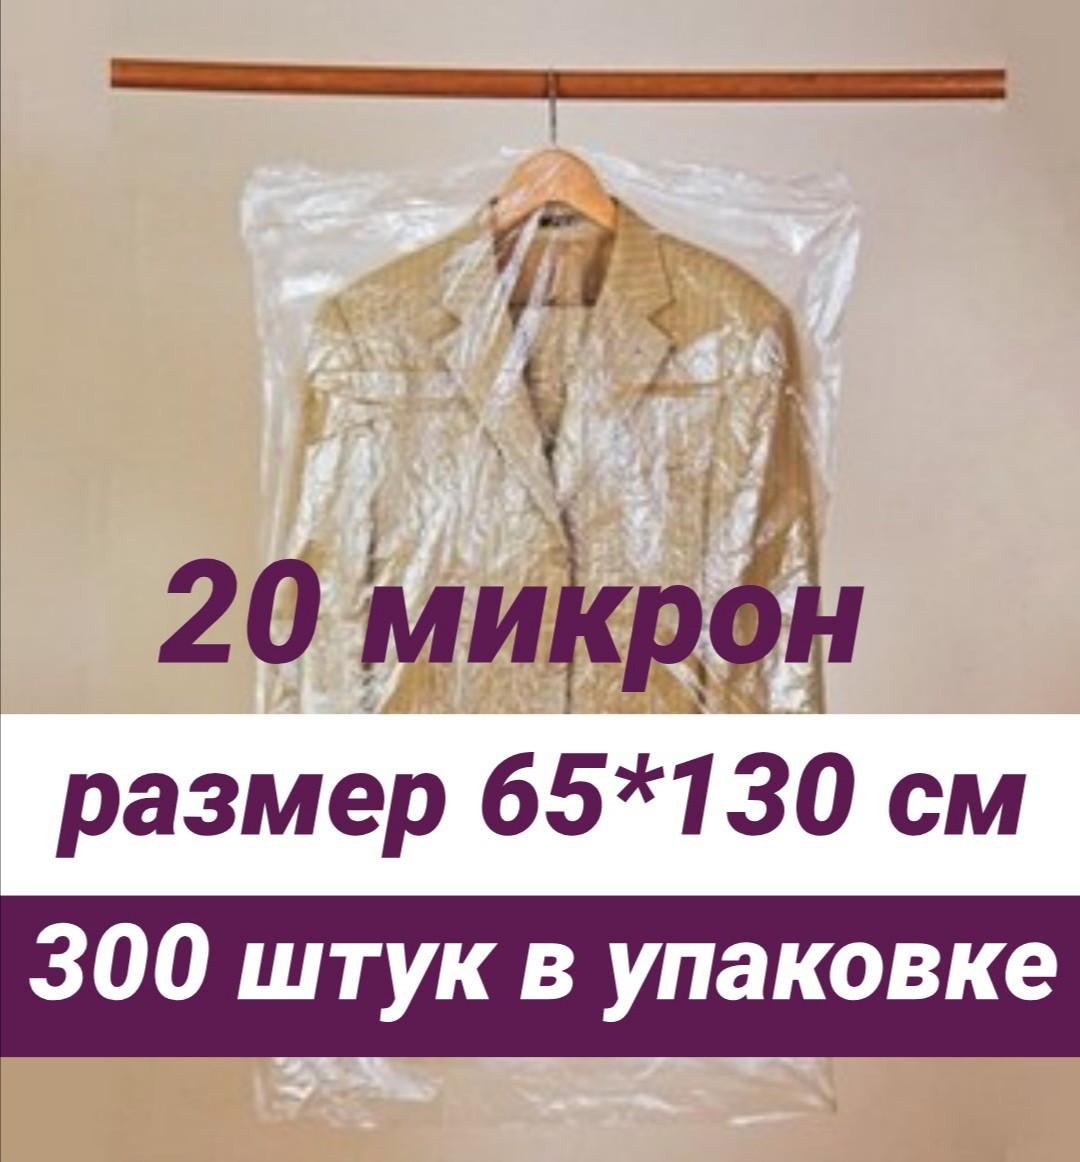 Размер 65*130 см, 300 шт в упаковке.Чехлы для одежды полиэтиленовые, толщина 20 микрон